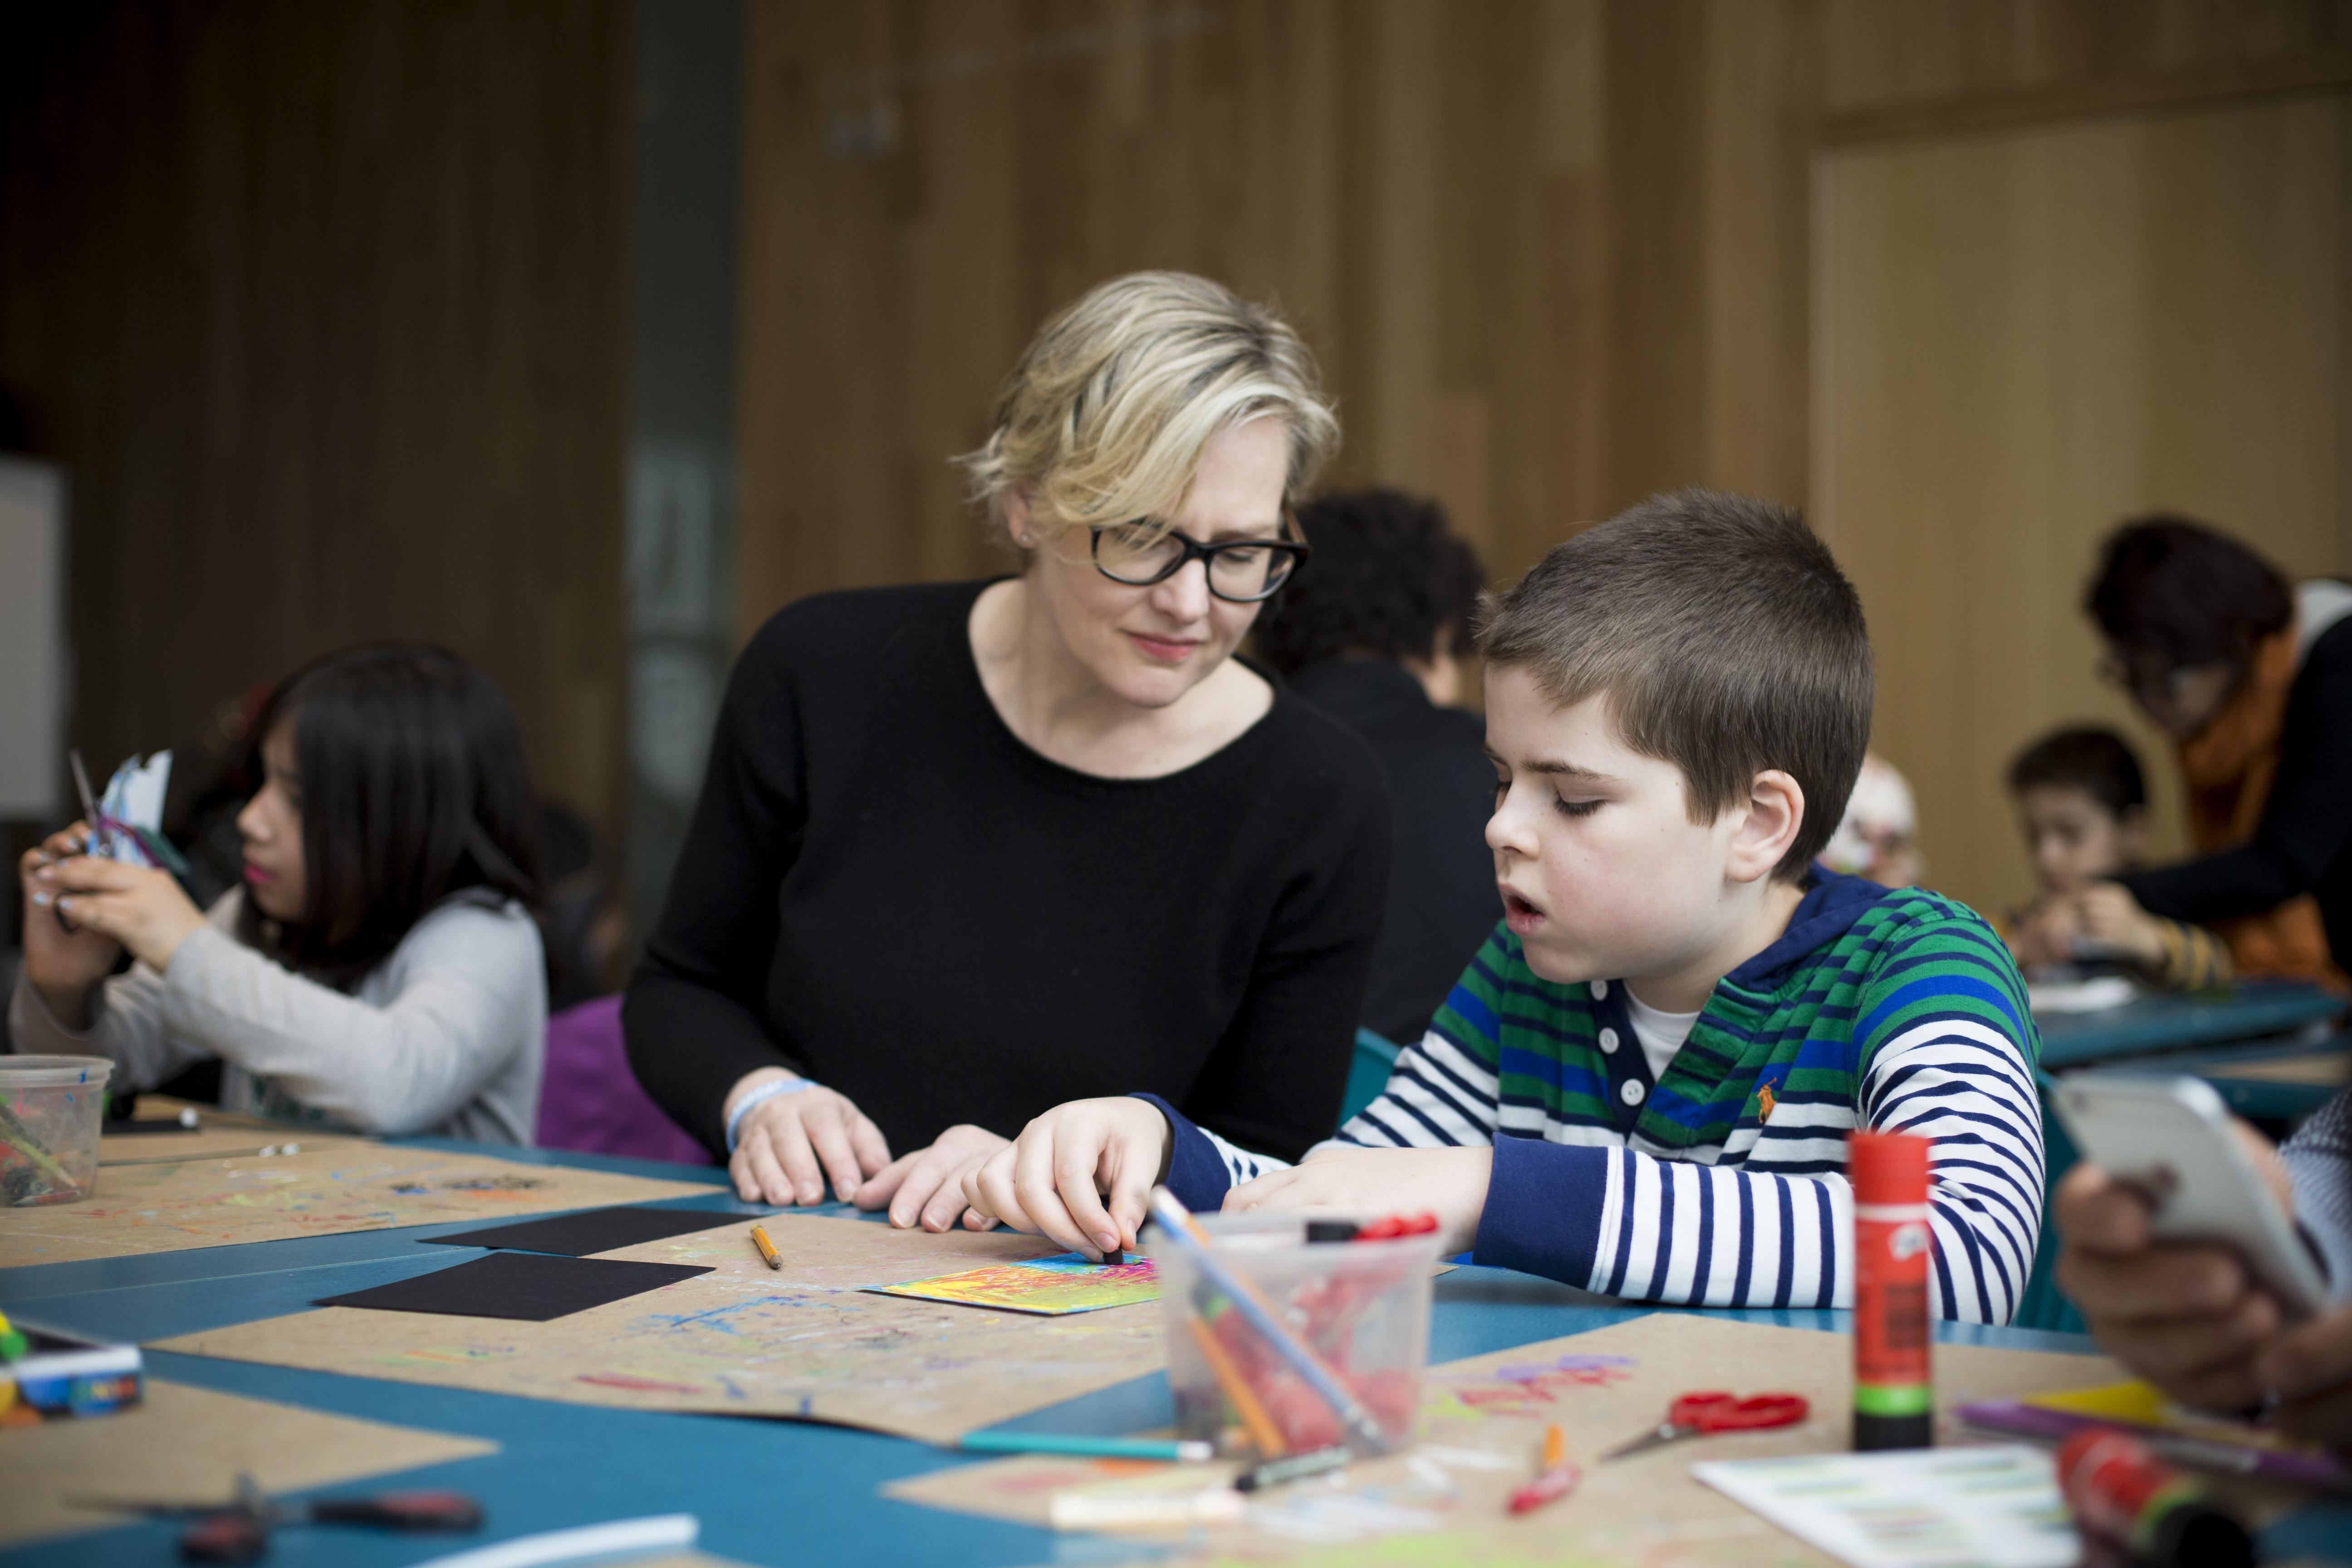 PHOTO SARAH MONGEAU-BIRKETT POUR MOISSON MONTREAL - APRIL 8, 2017 - 8 AVRIL 2017 - Dans le cadre de la campagne LA GRANDE RECOLTE POUR LES ENFANTS, des familles participent aux ateliers de bricolage lors de la Journee des Enfants au Musee des Beaux Arts de Montreal - et les medias se sont rendus au Musee pour une conference de presse.